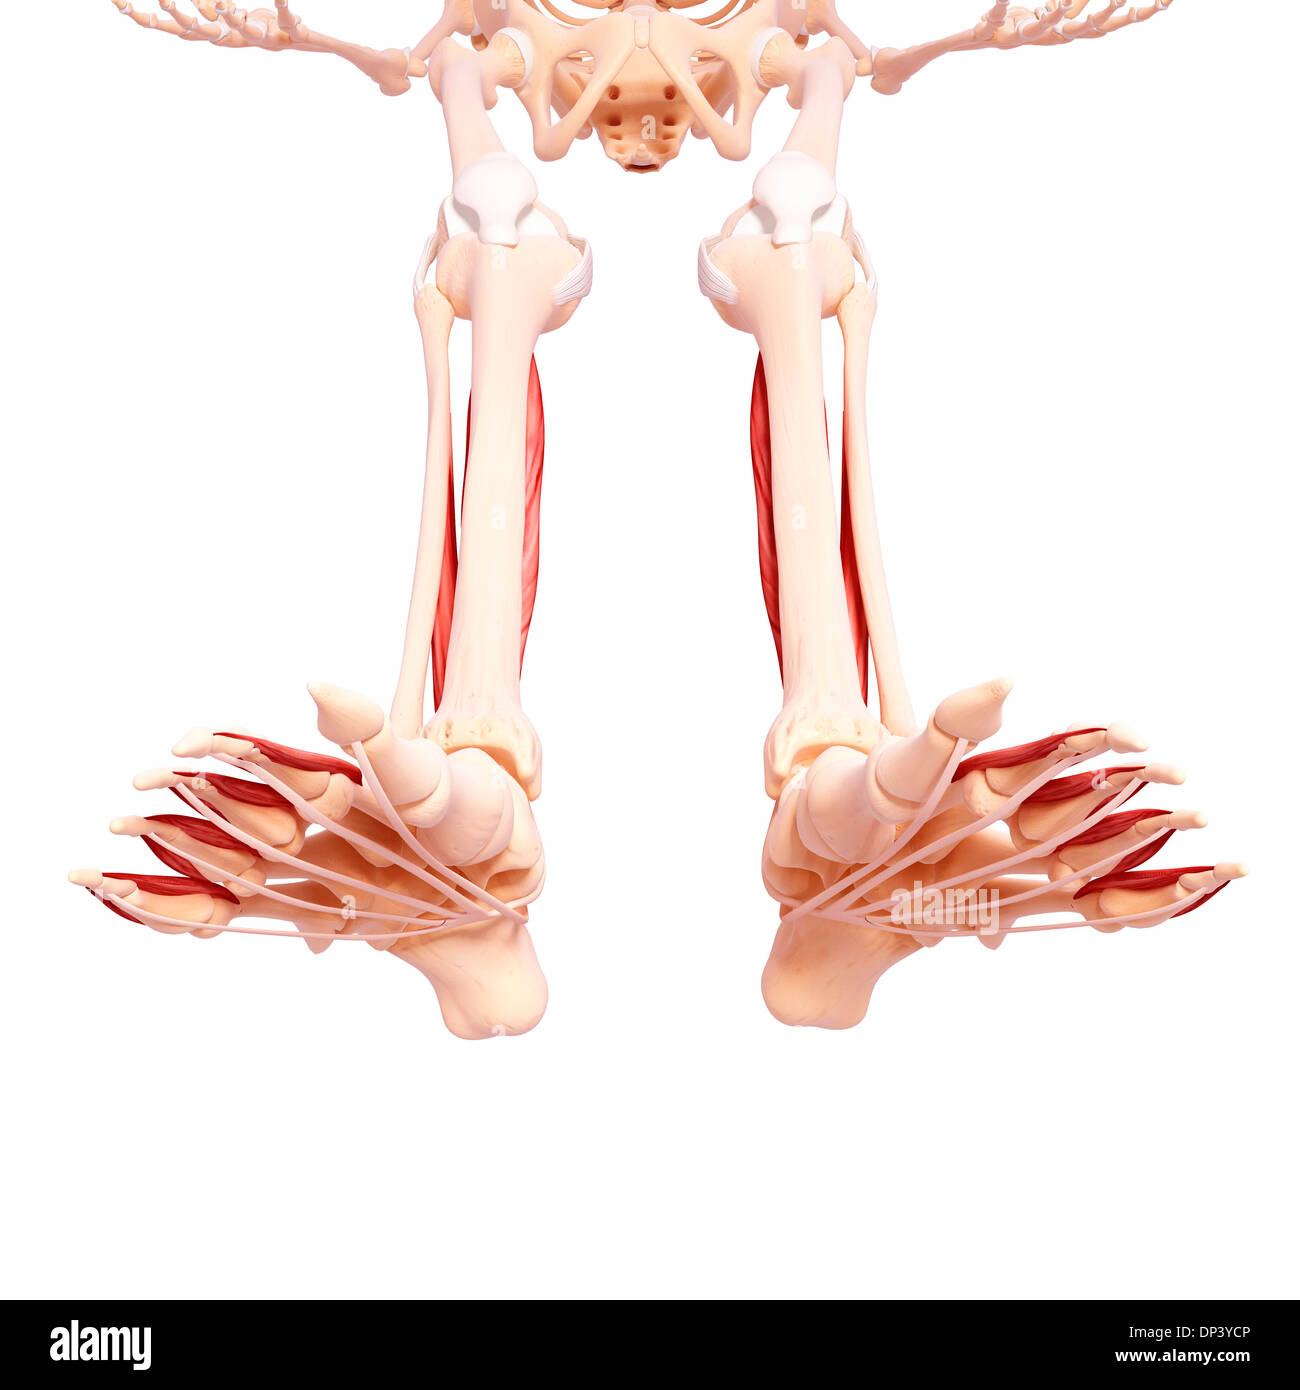 Ziemlich Menschlichem Beinmuskel Anatomie Bilder - Menschliche ...